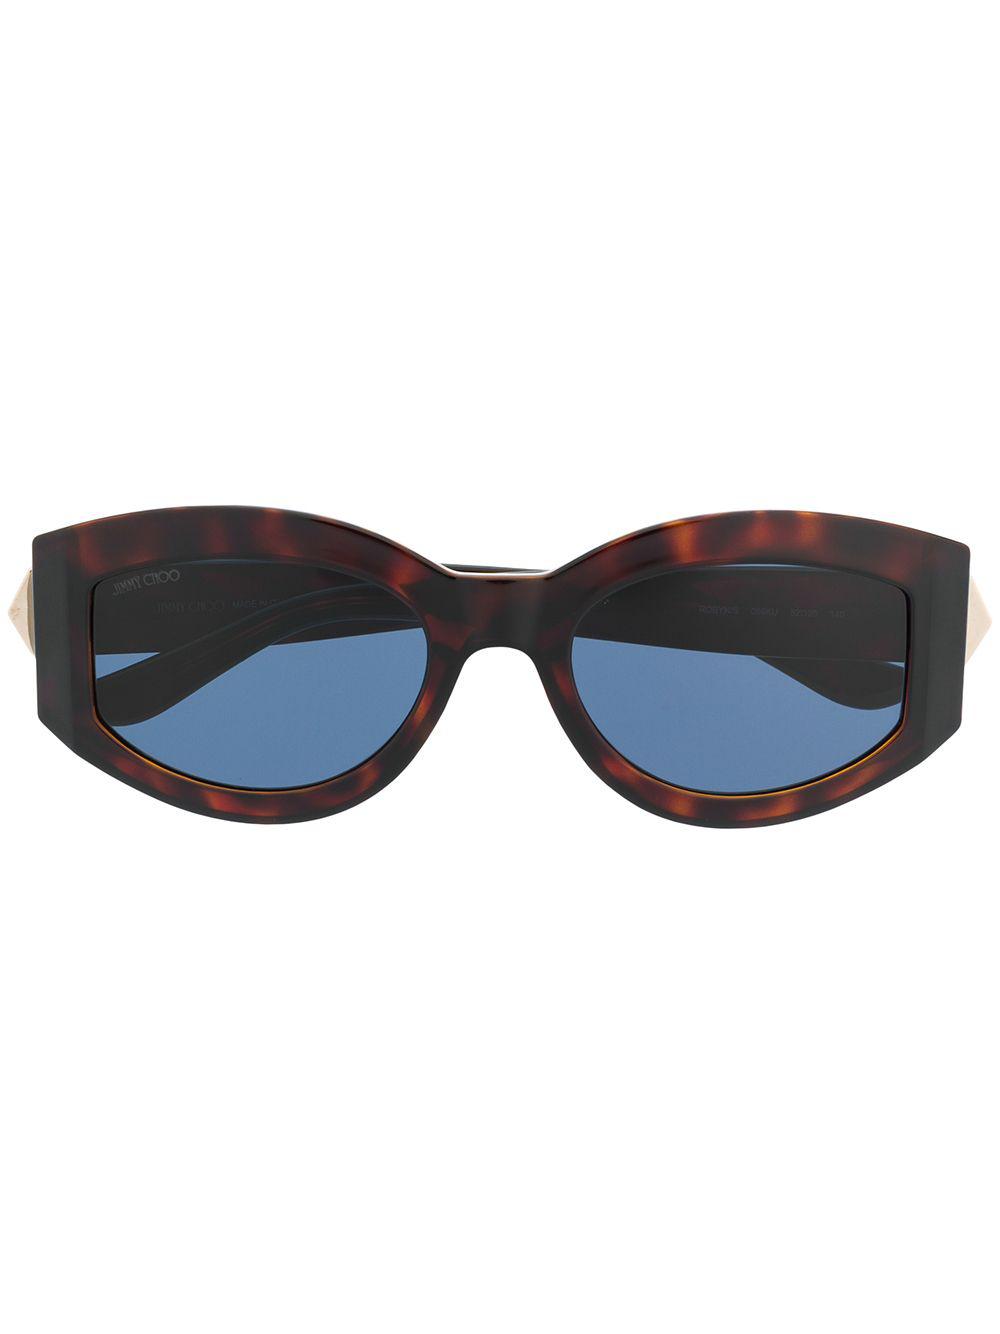 a776fd943d2 Jimmy Choo Eyewear Robyn Sunglasses - Brown